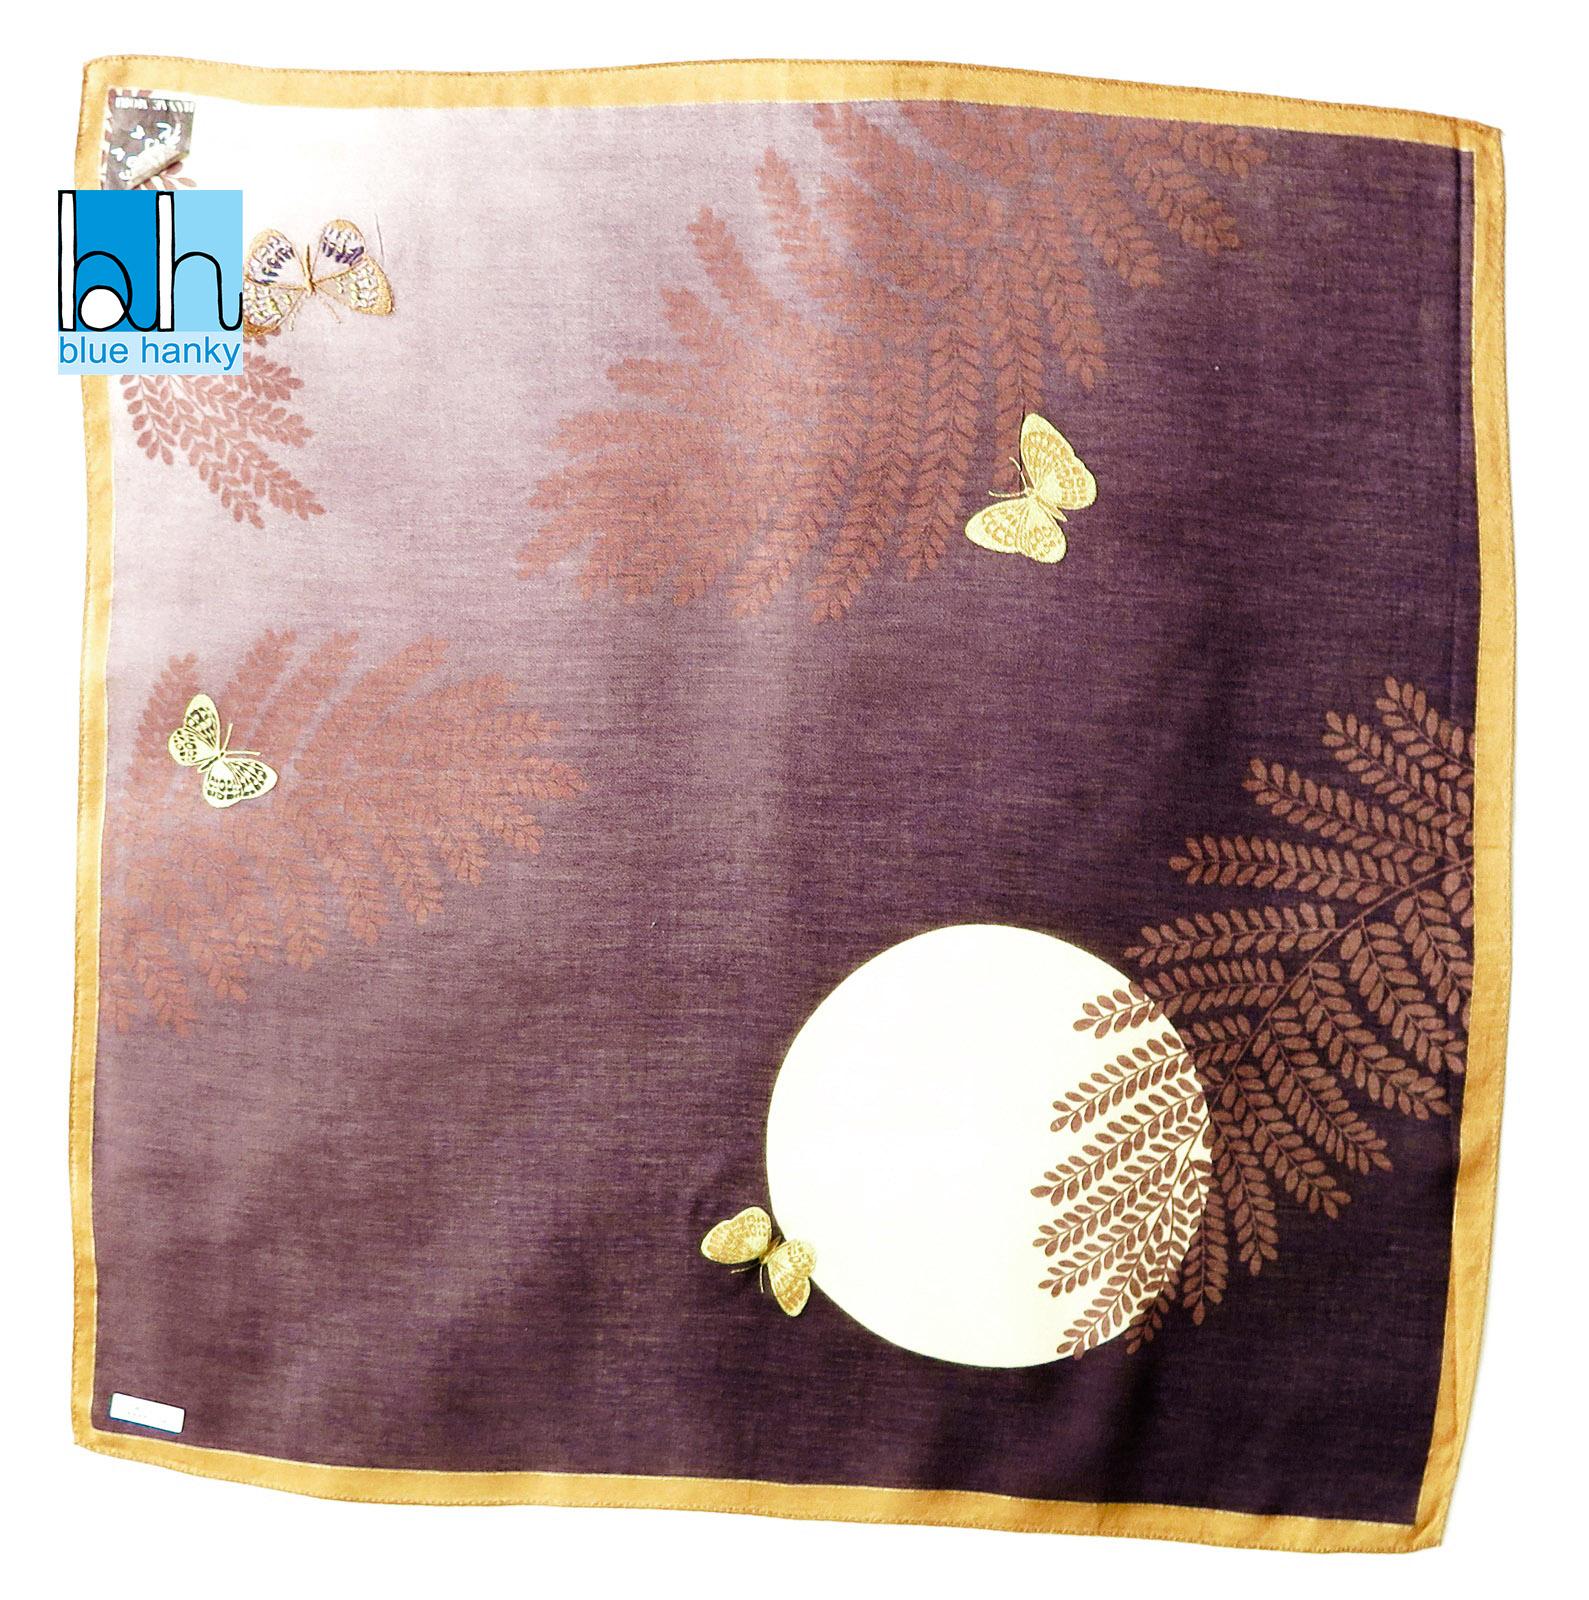 """#158 19"""" ญี่ปุ่น ผ้าเช็ดหน้ามือ2 สภาพดี ผ้าเช็ดหน้าผืนใหญ่"""